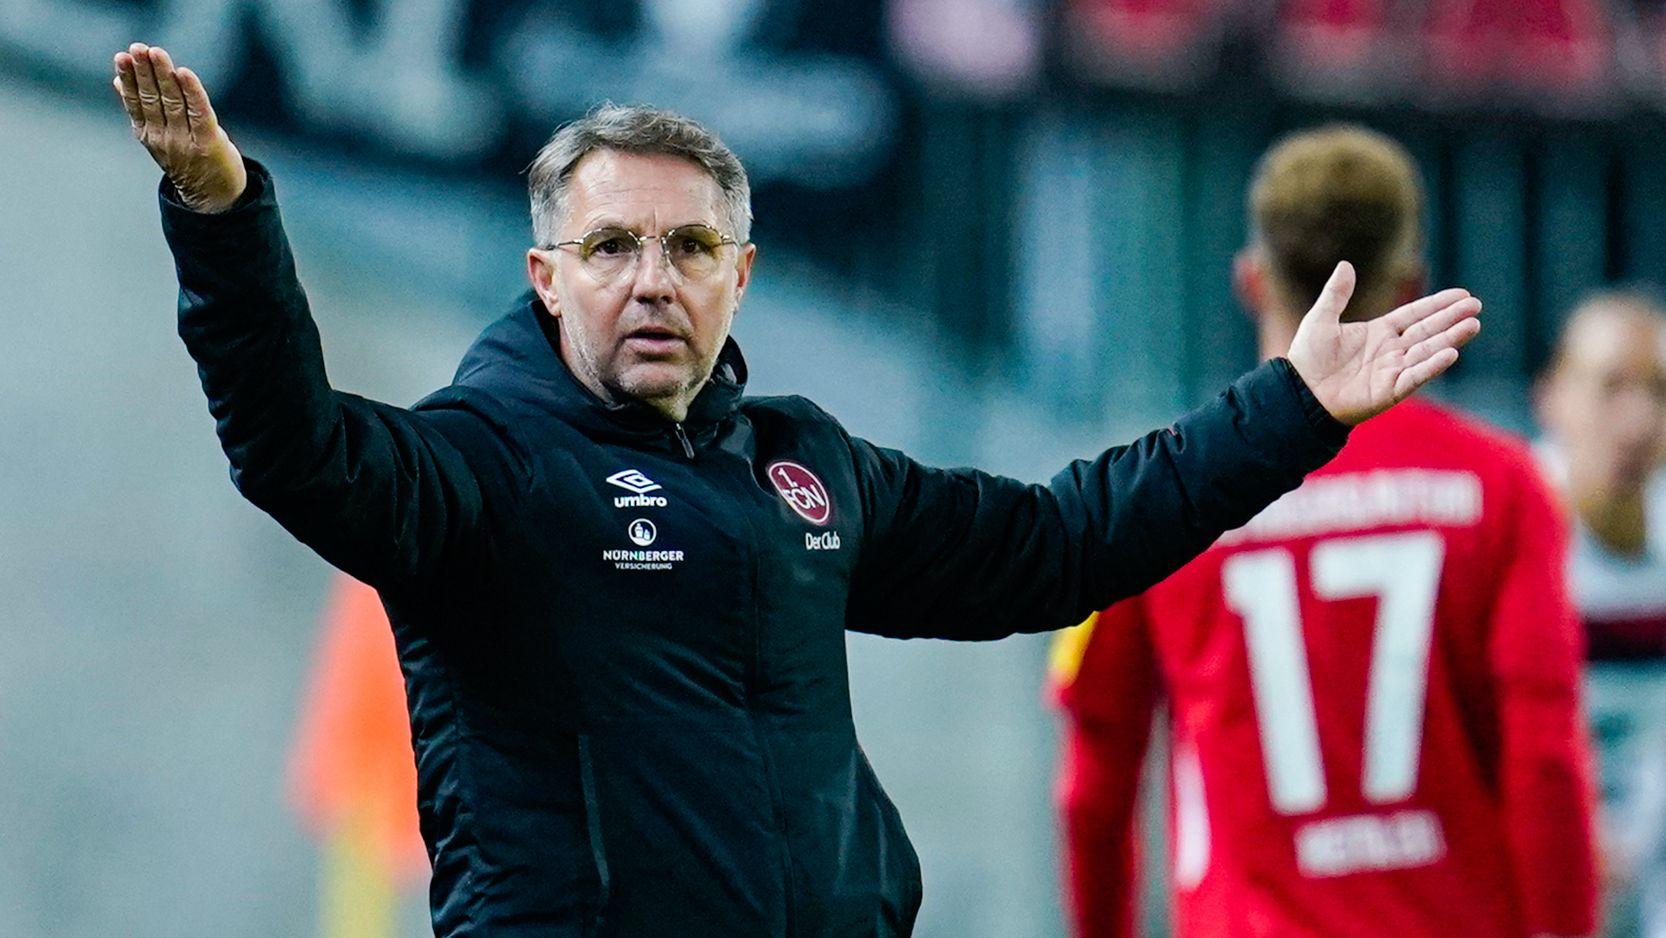 Der ehemalige Nürnberg-Coach Damir Canadi beim Pokalspiel in Kaiserslautern